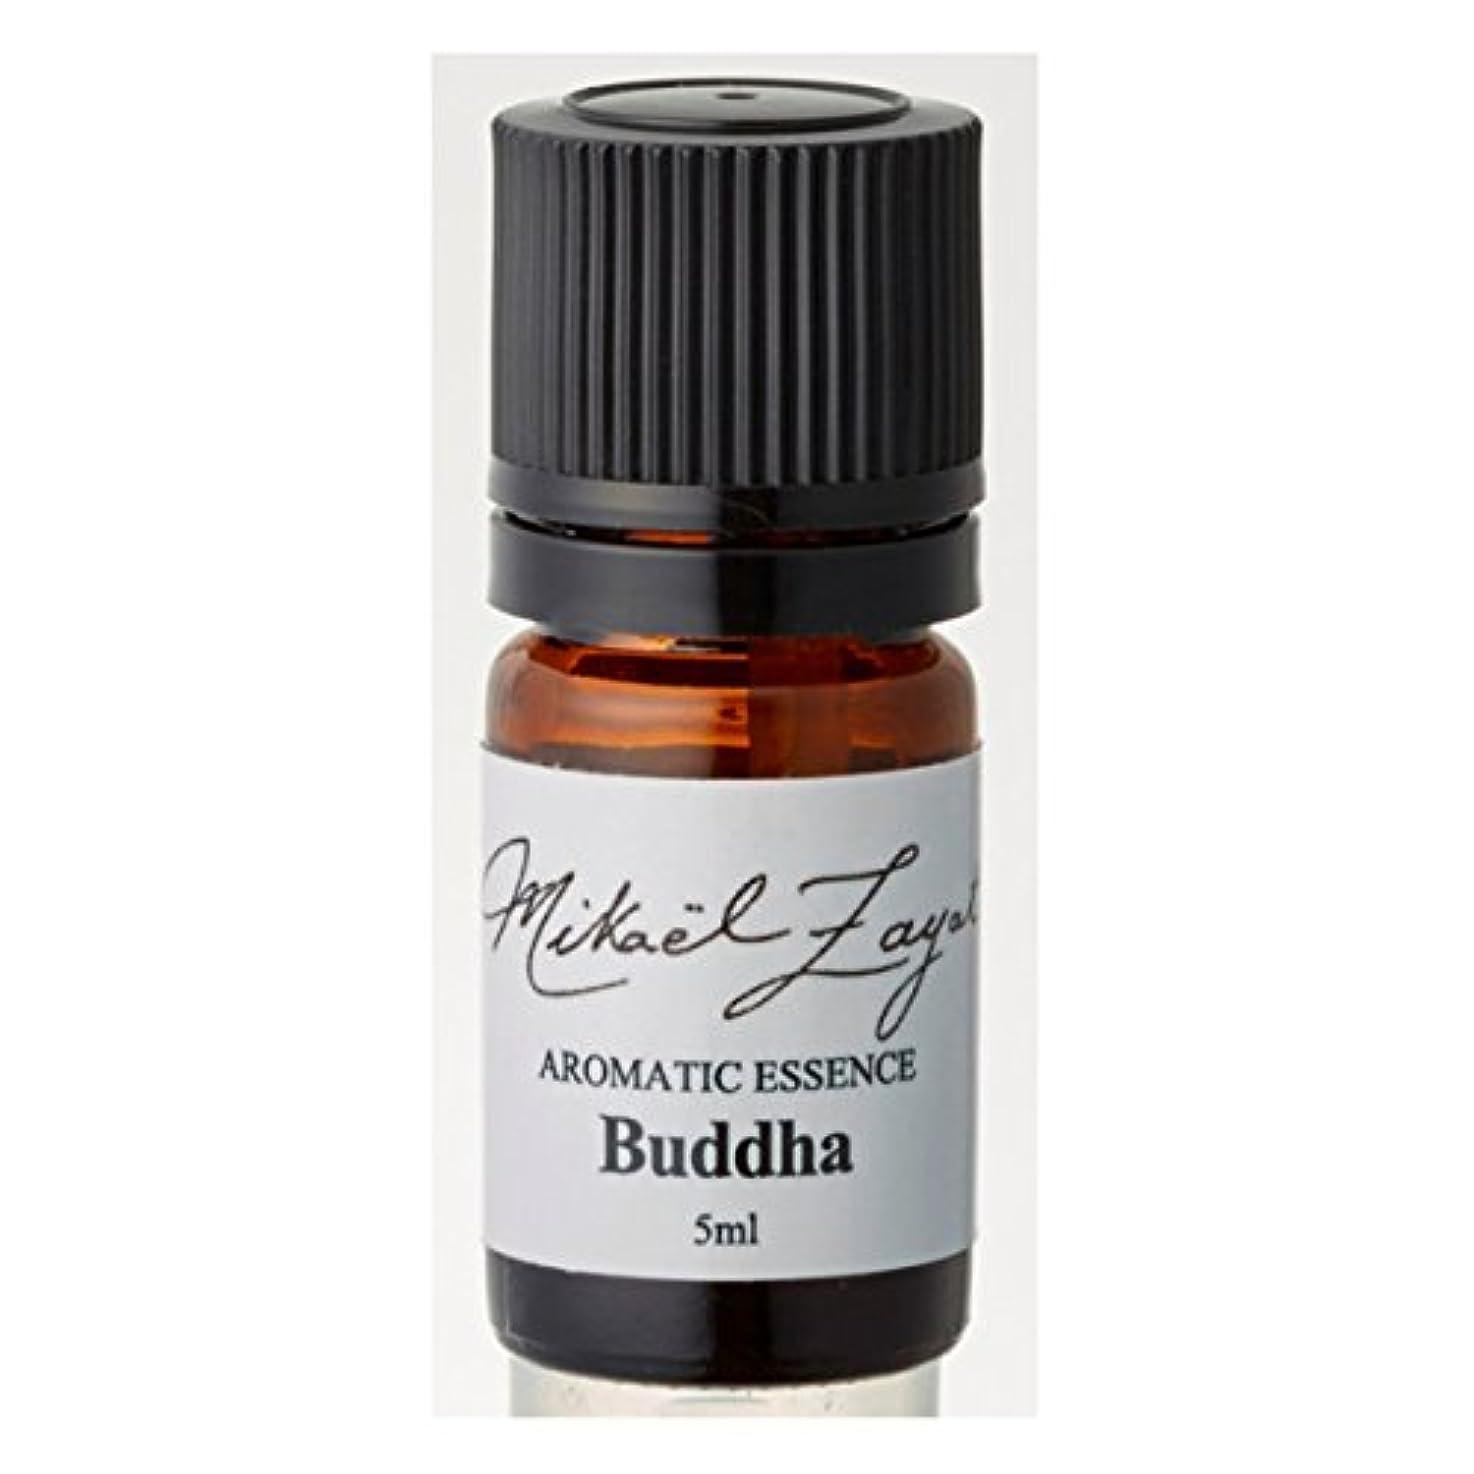 内陸ボードヘアミカエルザヤット ブッダ 5ml Buddha 5ml/ Mikael Zayat hand made blend